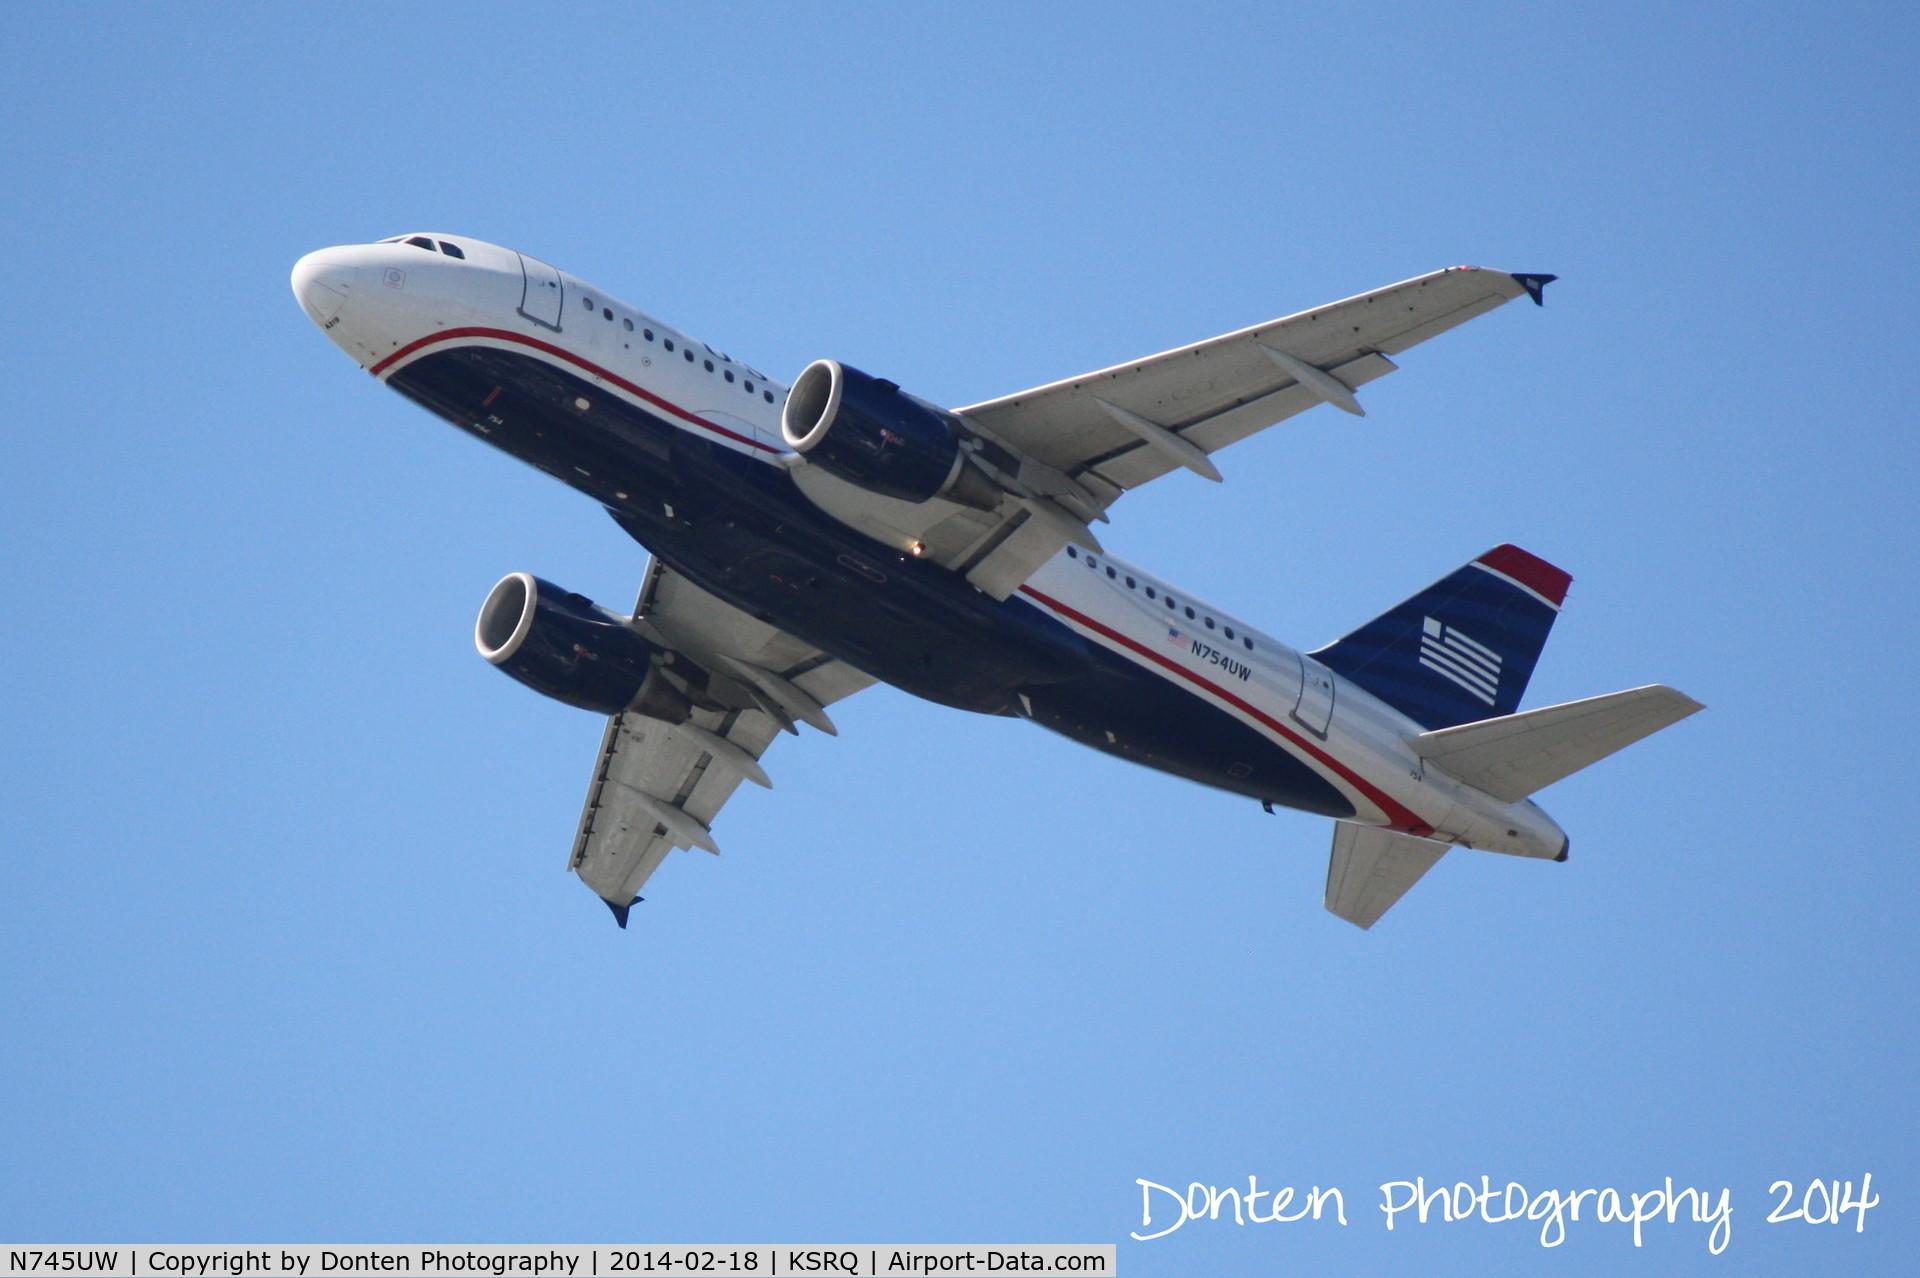 N745UW, 2000 Airbus A319-112 C/N 1289, US Air Flight 1801 (N754UW) departs Sarasota-Bradenton International Airport enroute to Charlotte-Douglas International Airport